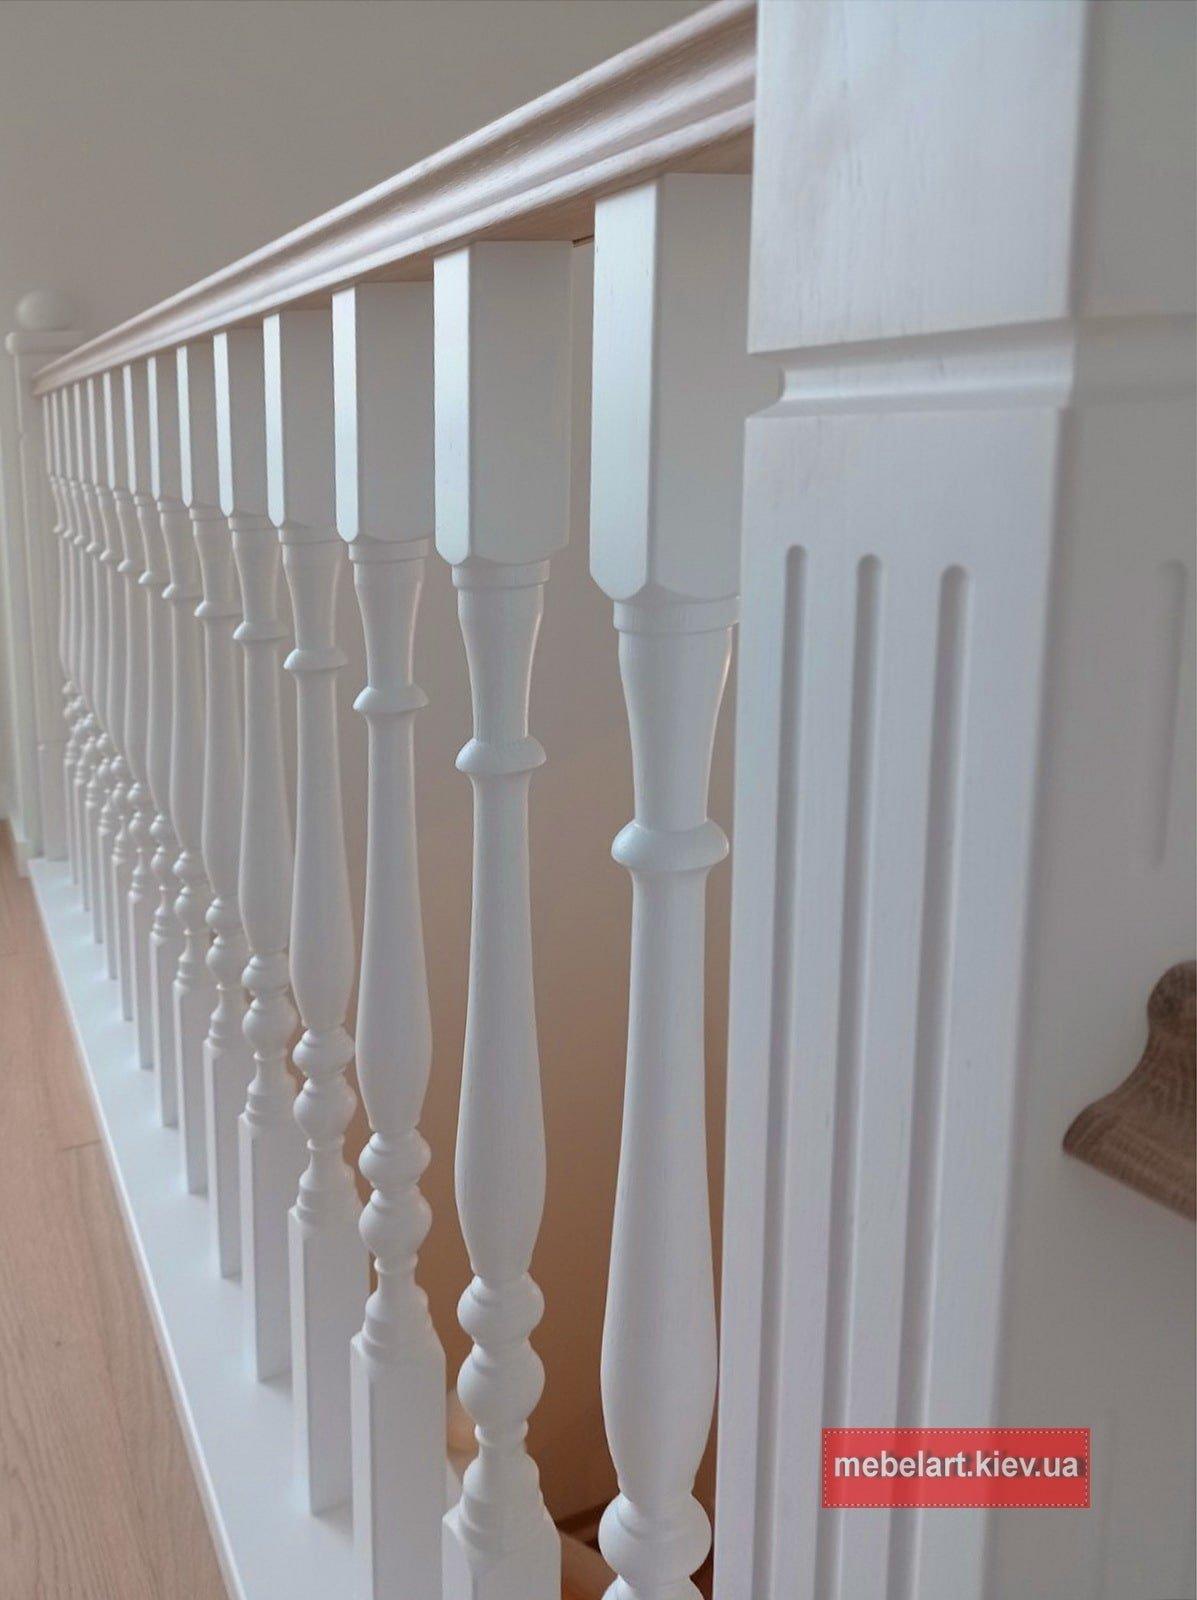 изготовление деревянной лестниці на заказ Козин